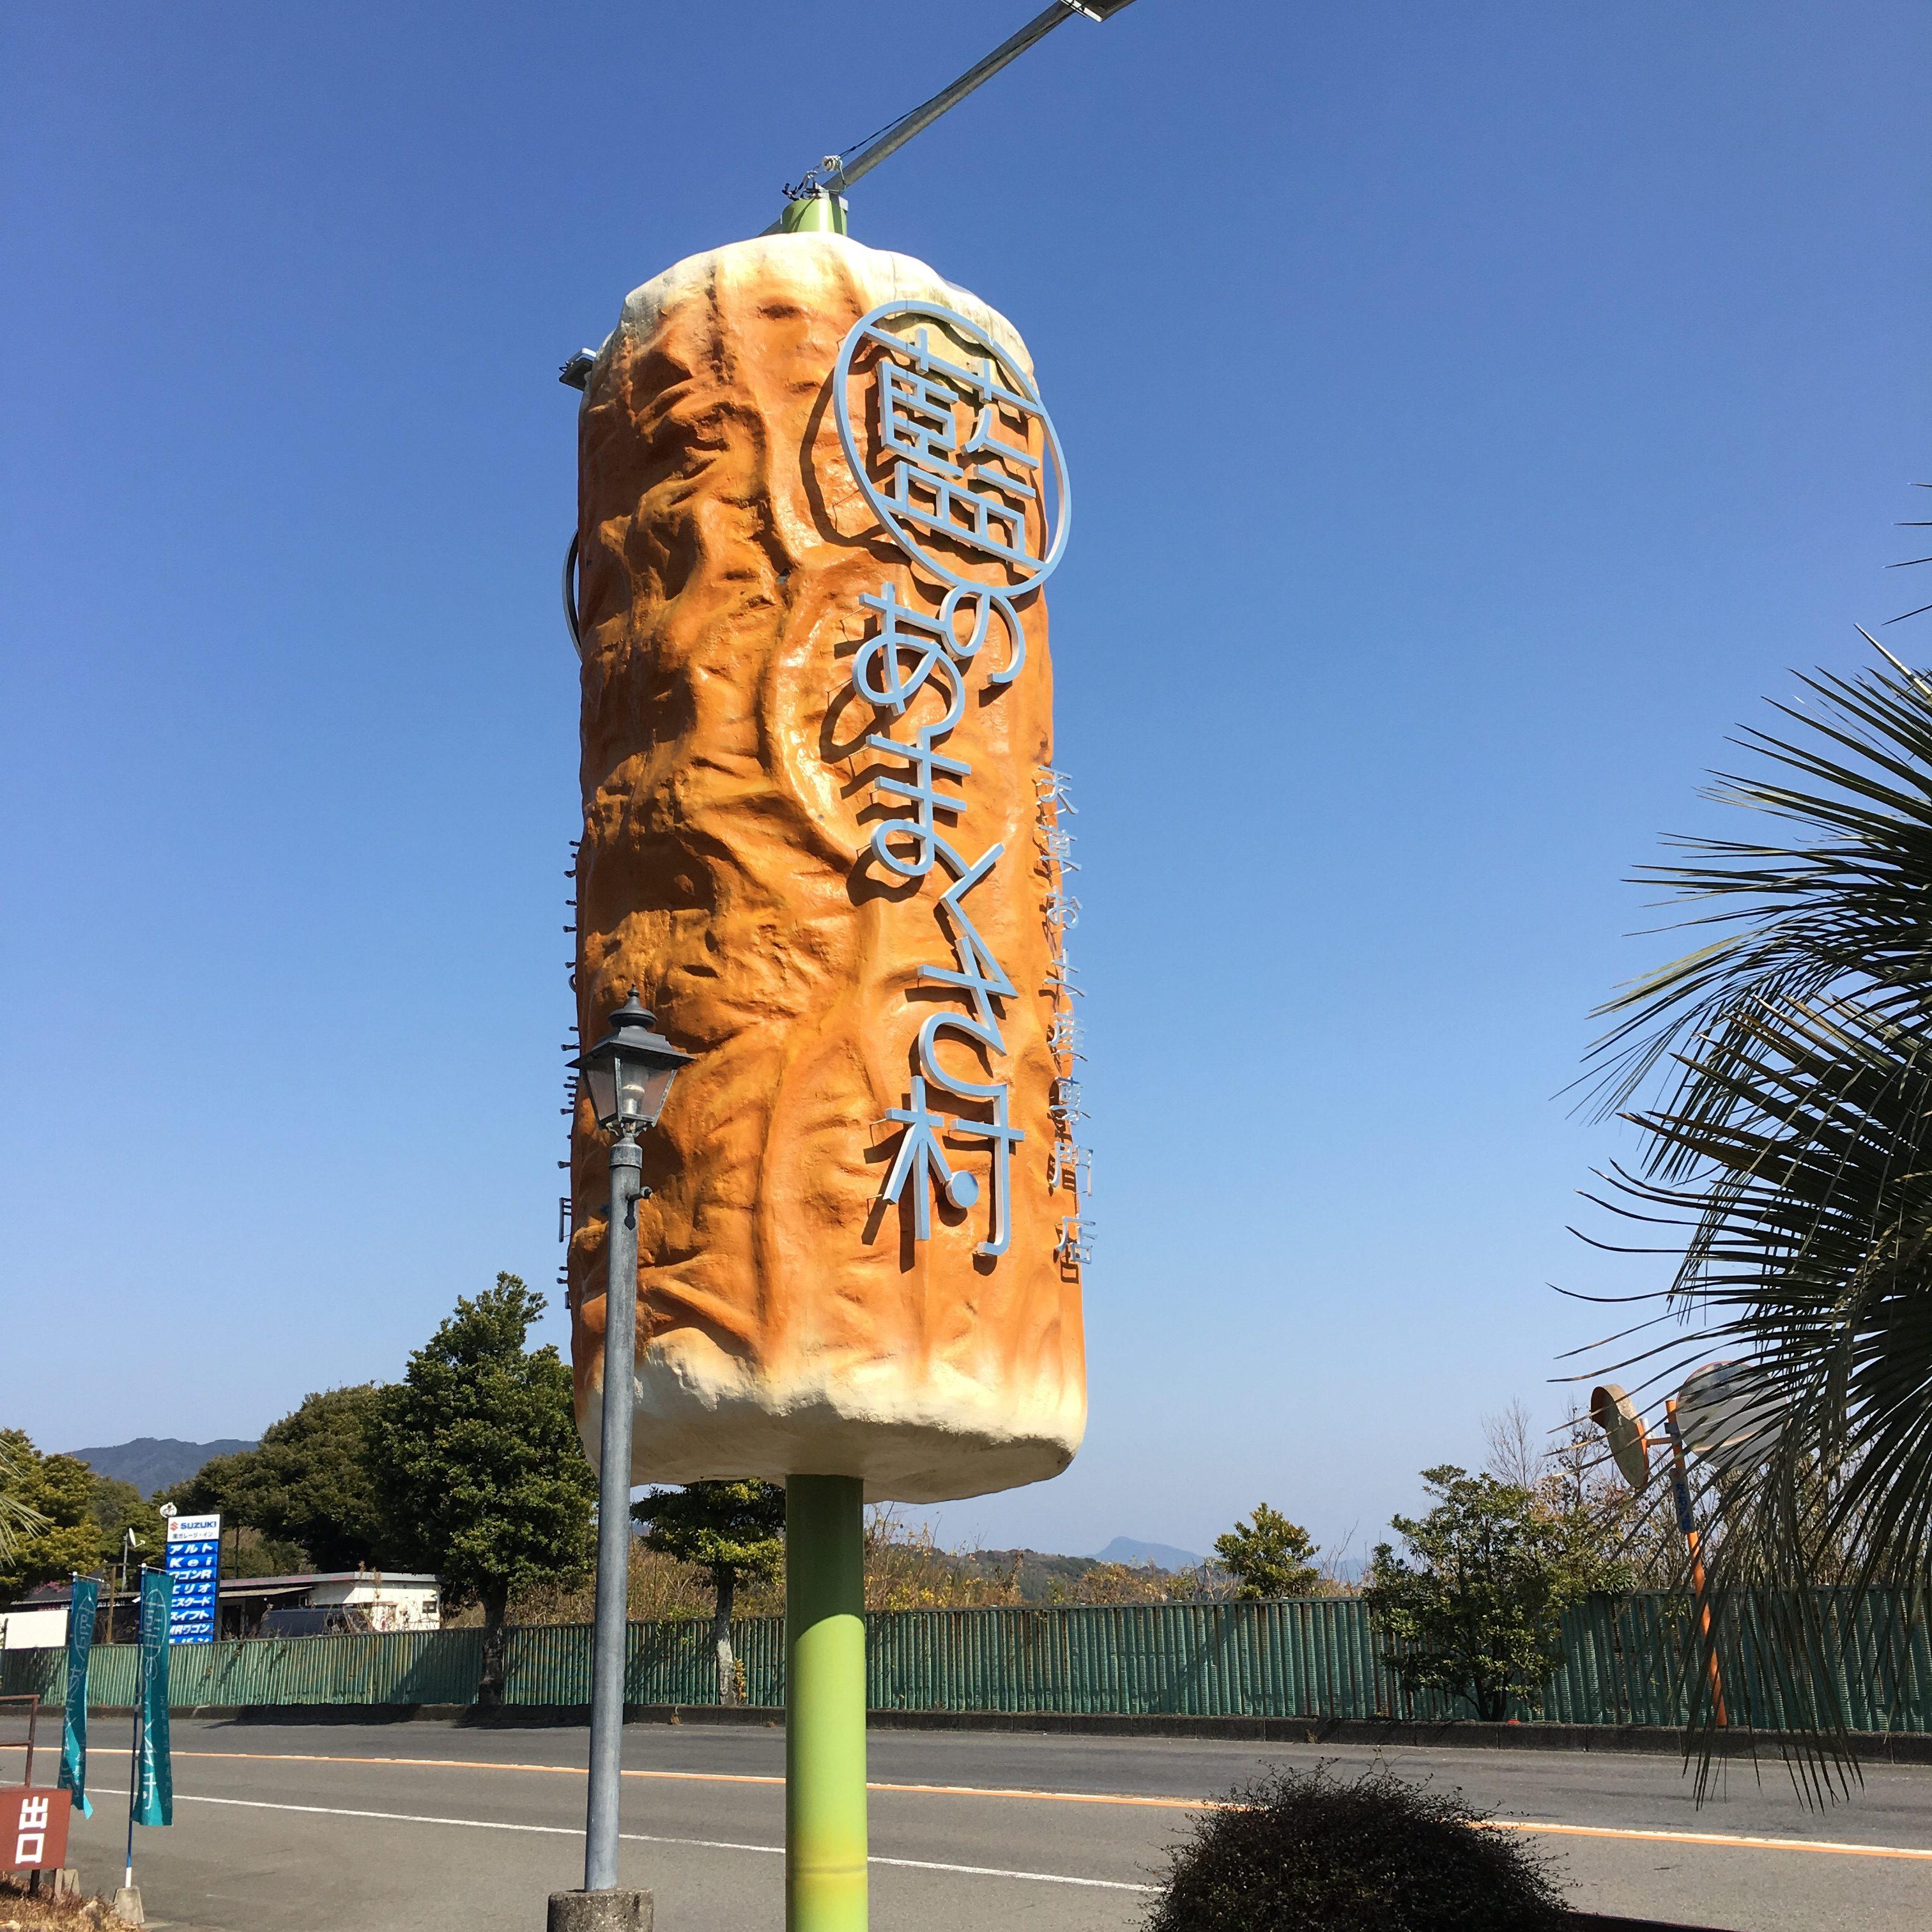 【藍のあまくさ村】天草観光&お土産@こんな所だよ!写真付きで紹介